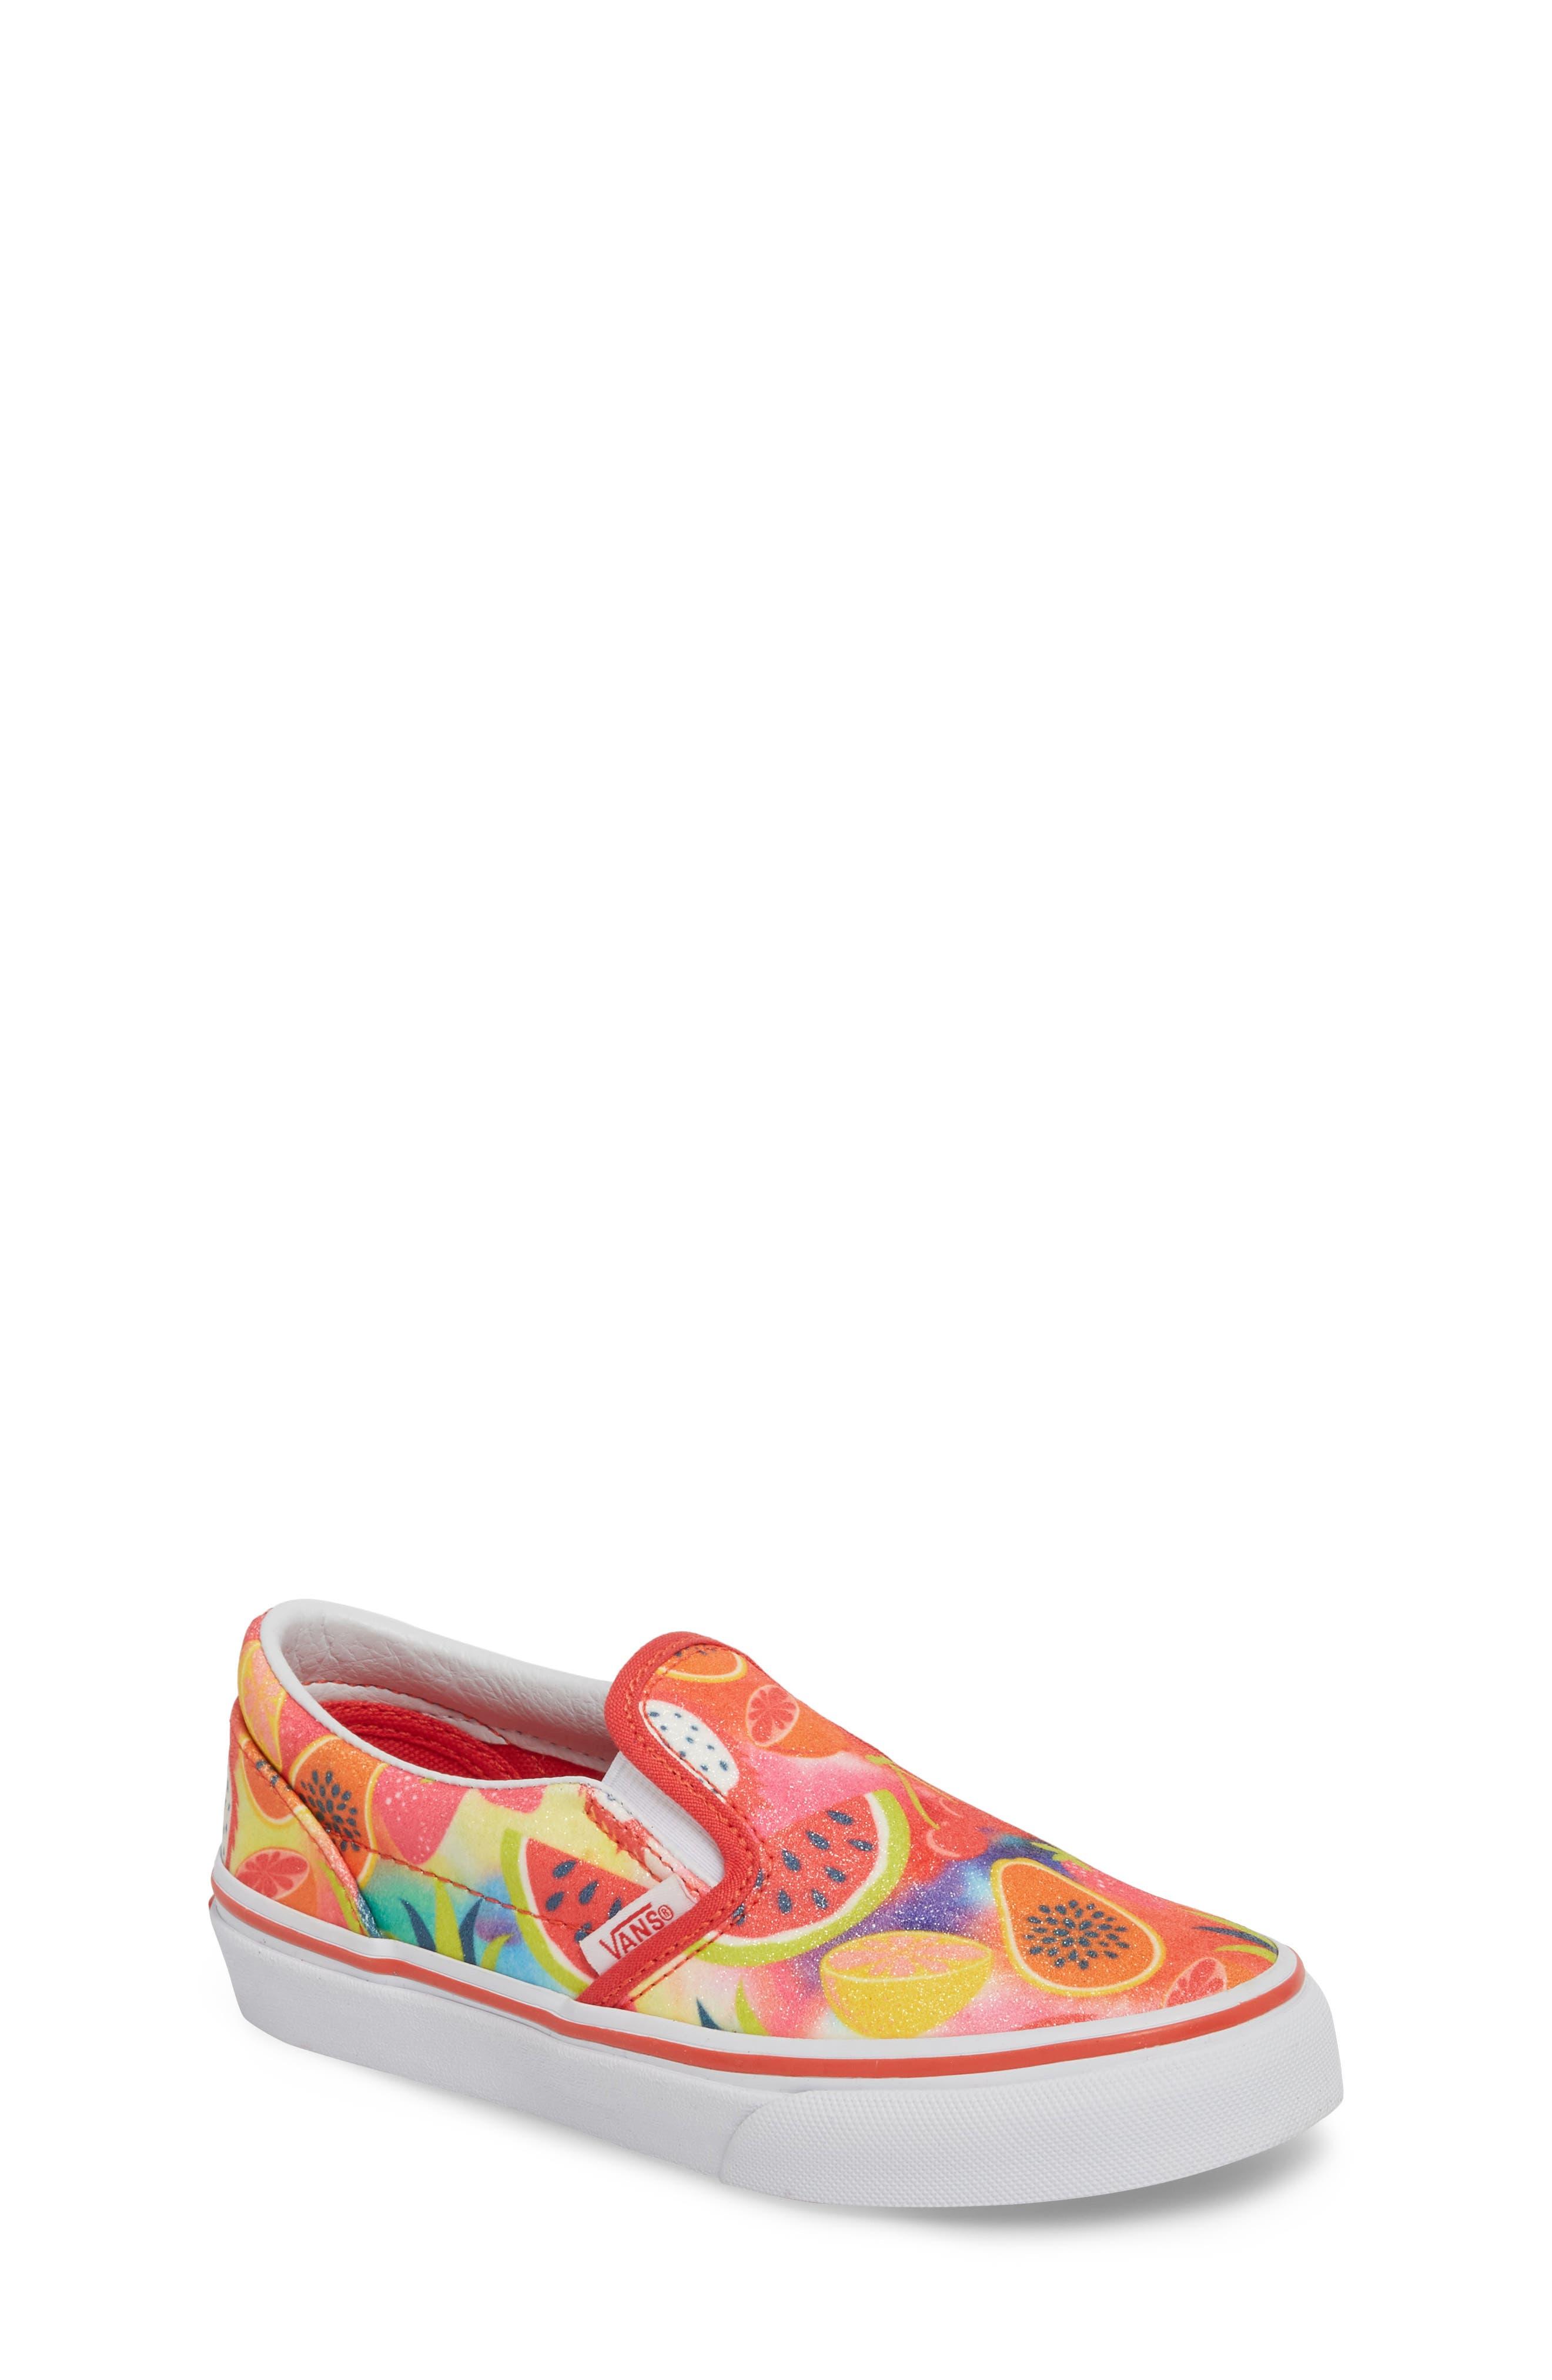 Vans Classic Glitter Fruit Slip-On Sneaker (Toddler, Little Kid & Big Kid)